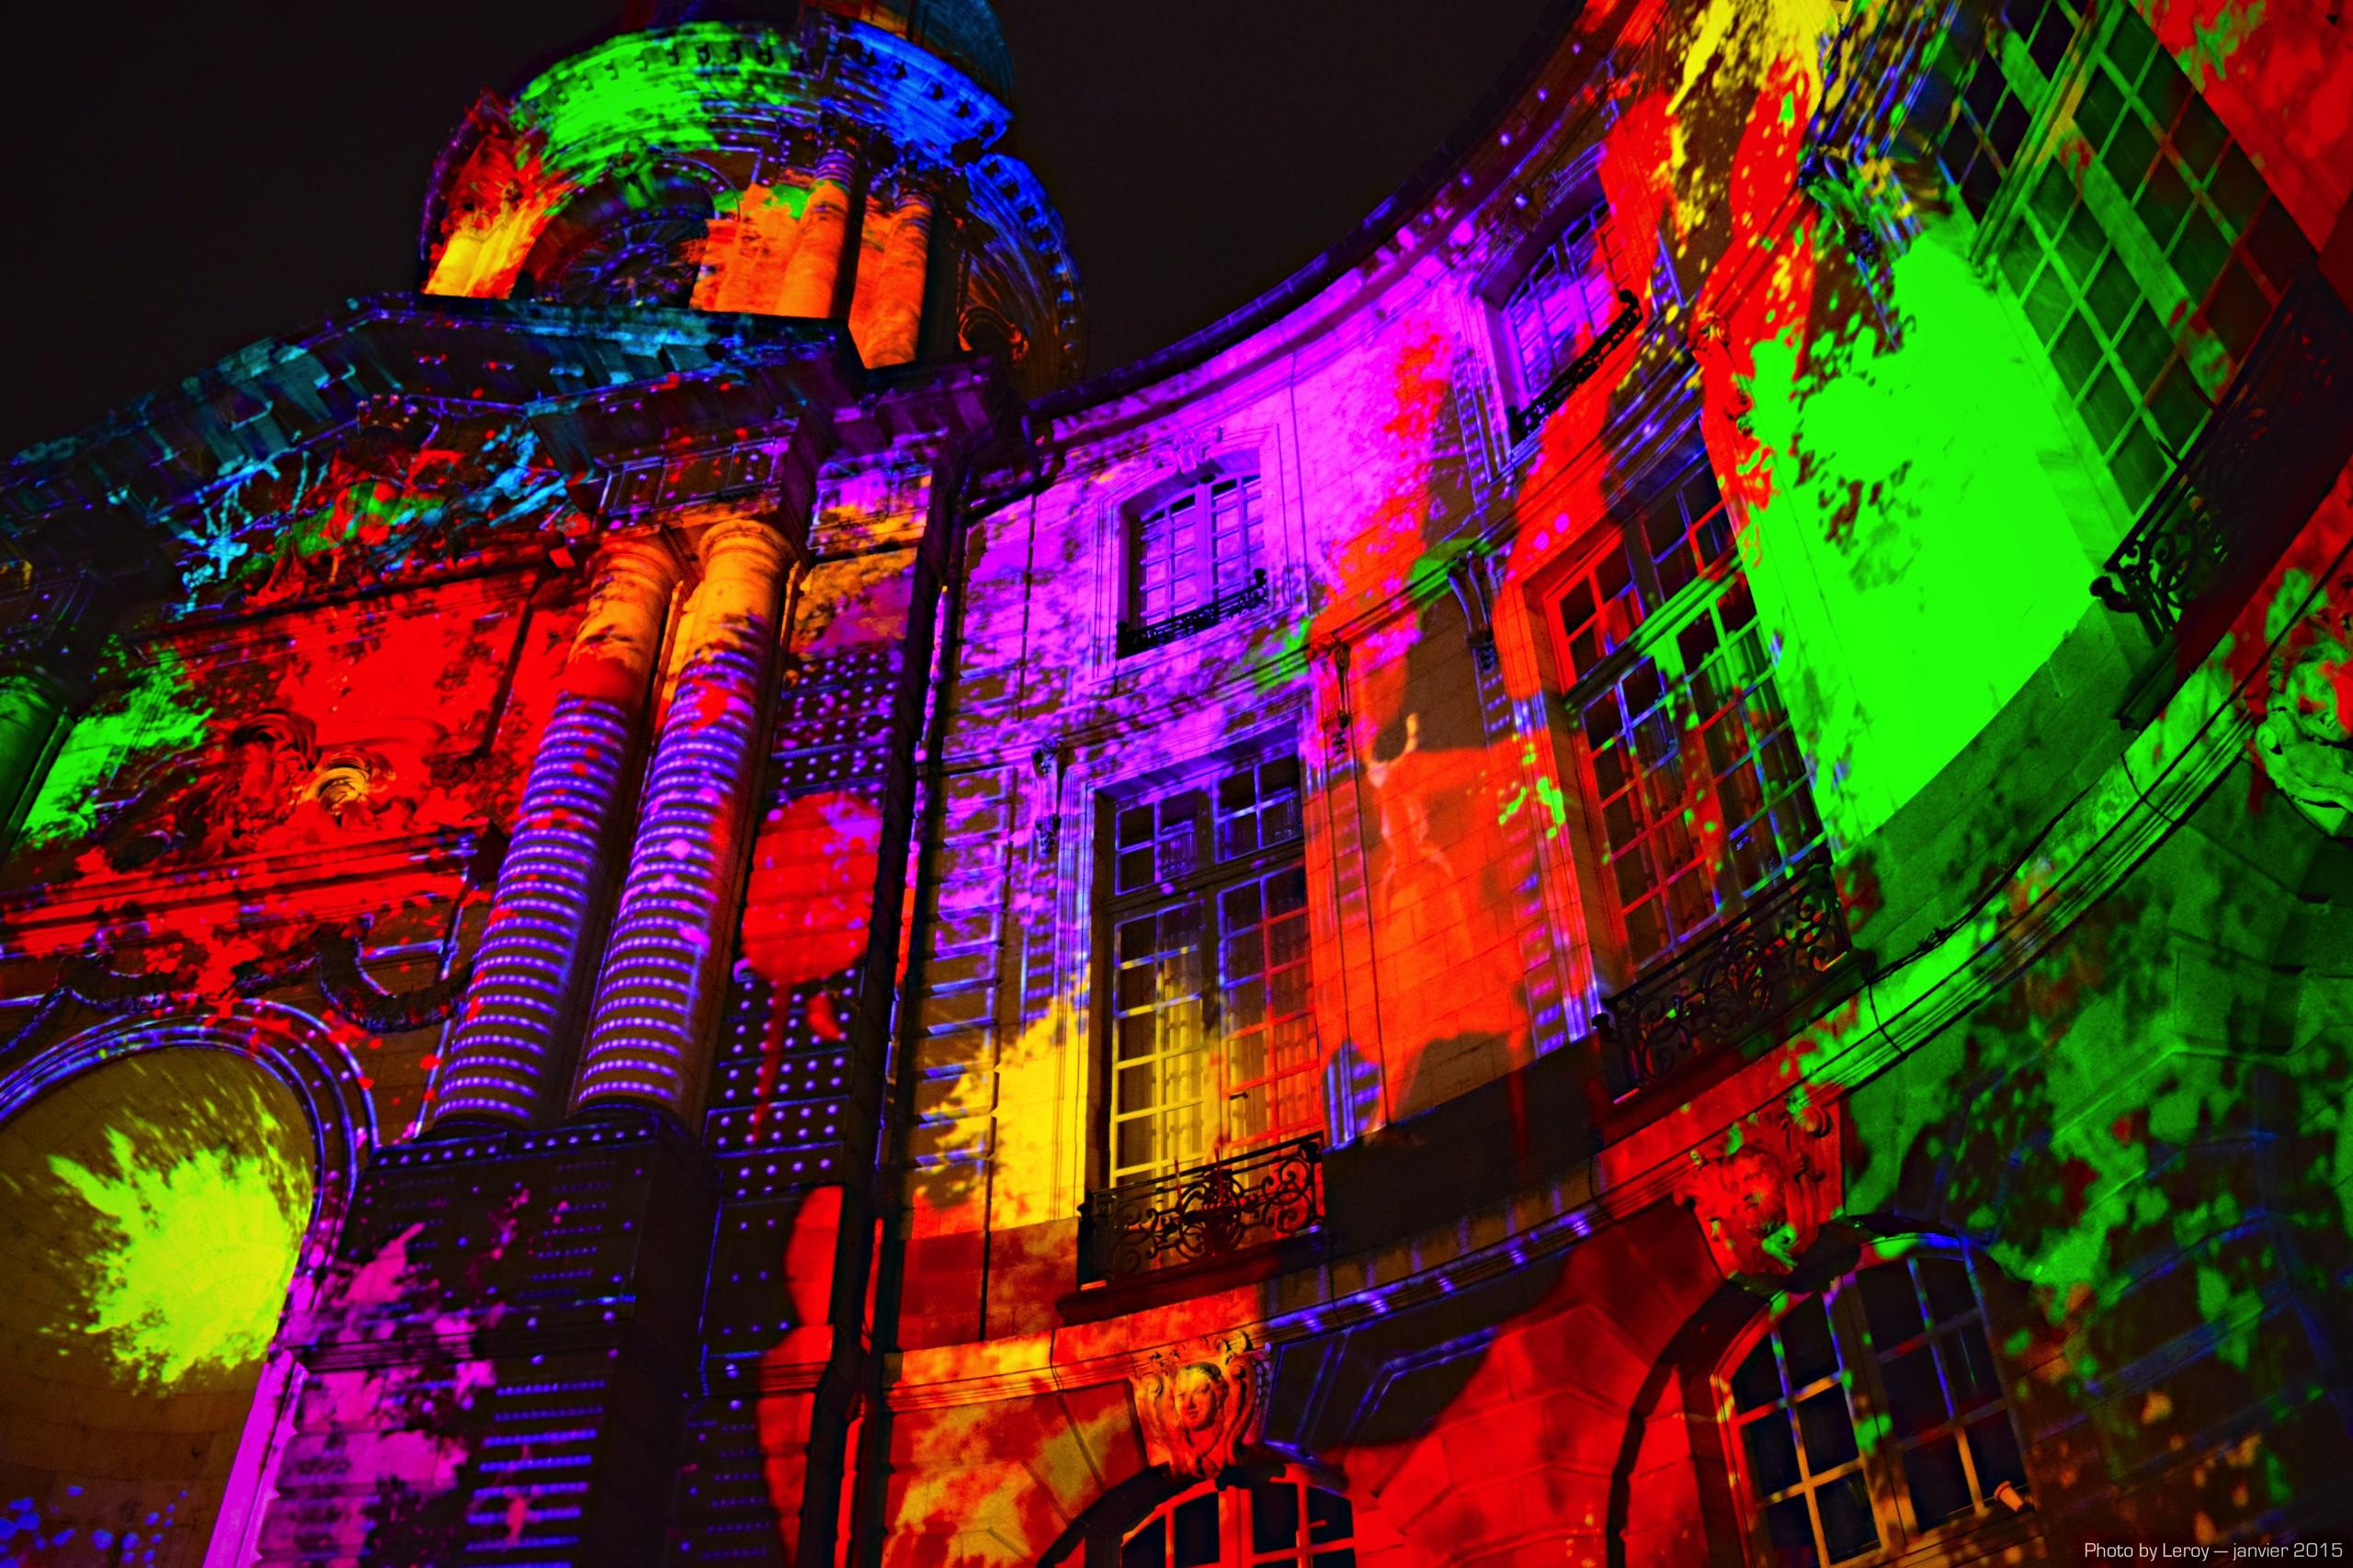 Les_lumières_de_la_ville_05.jpg